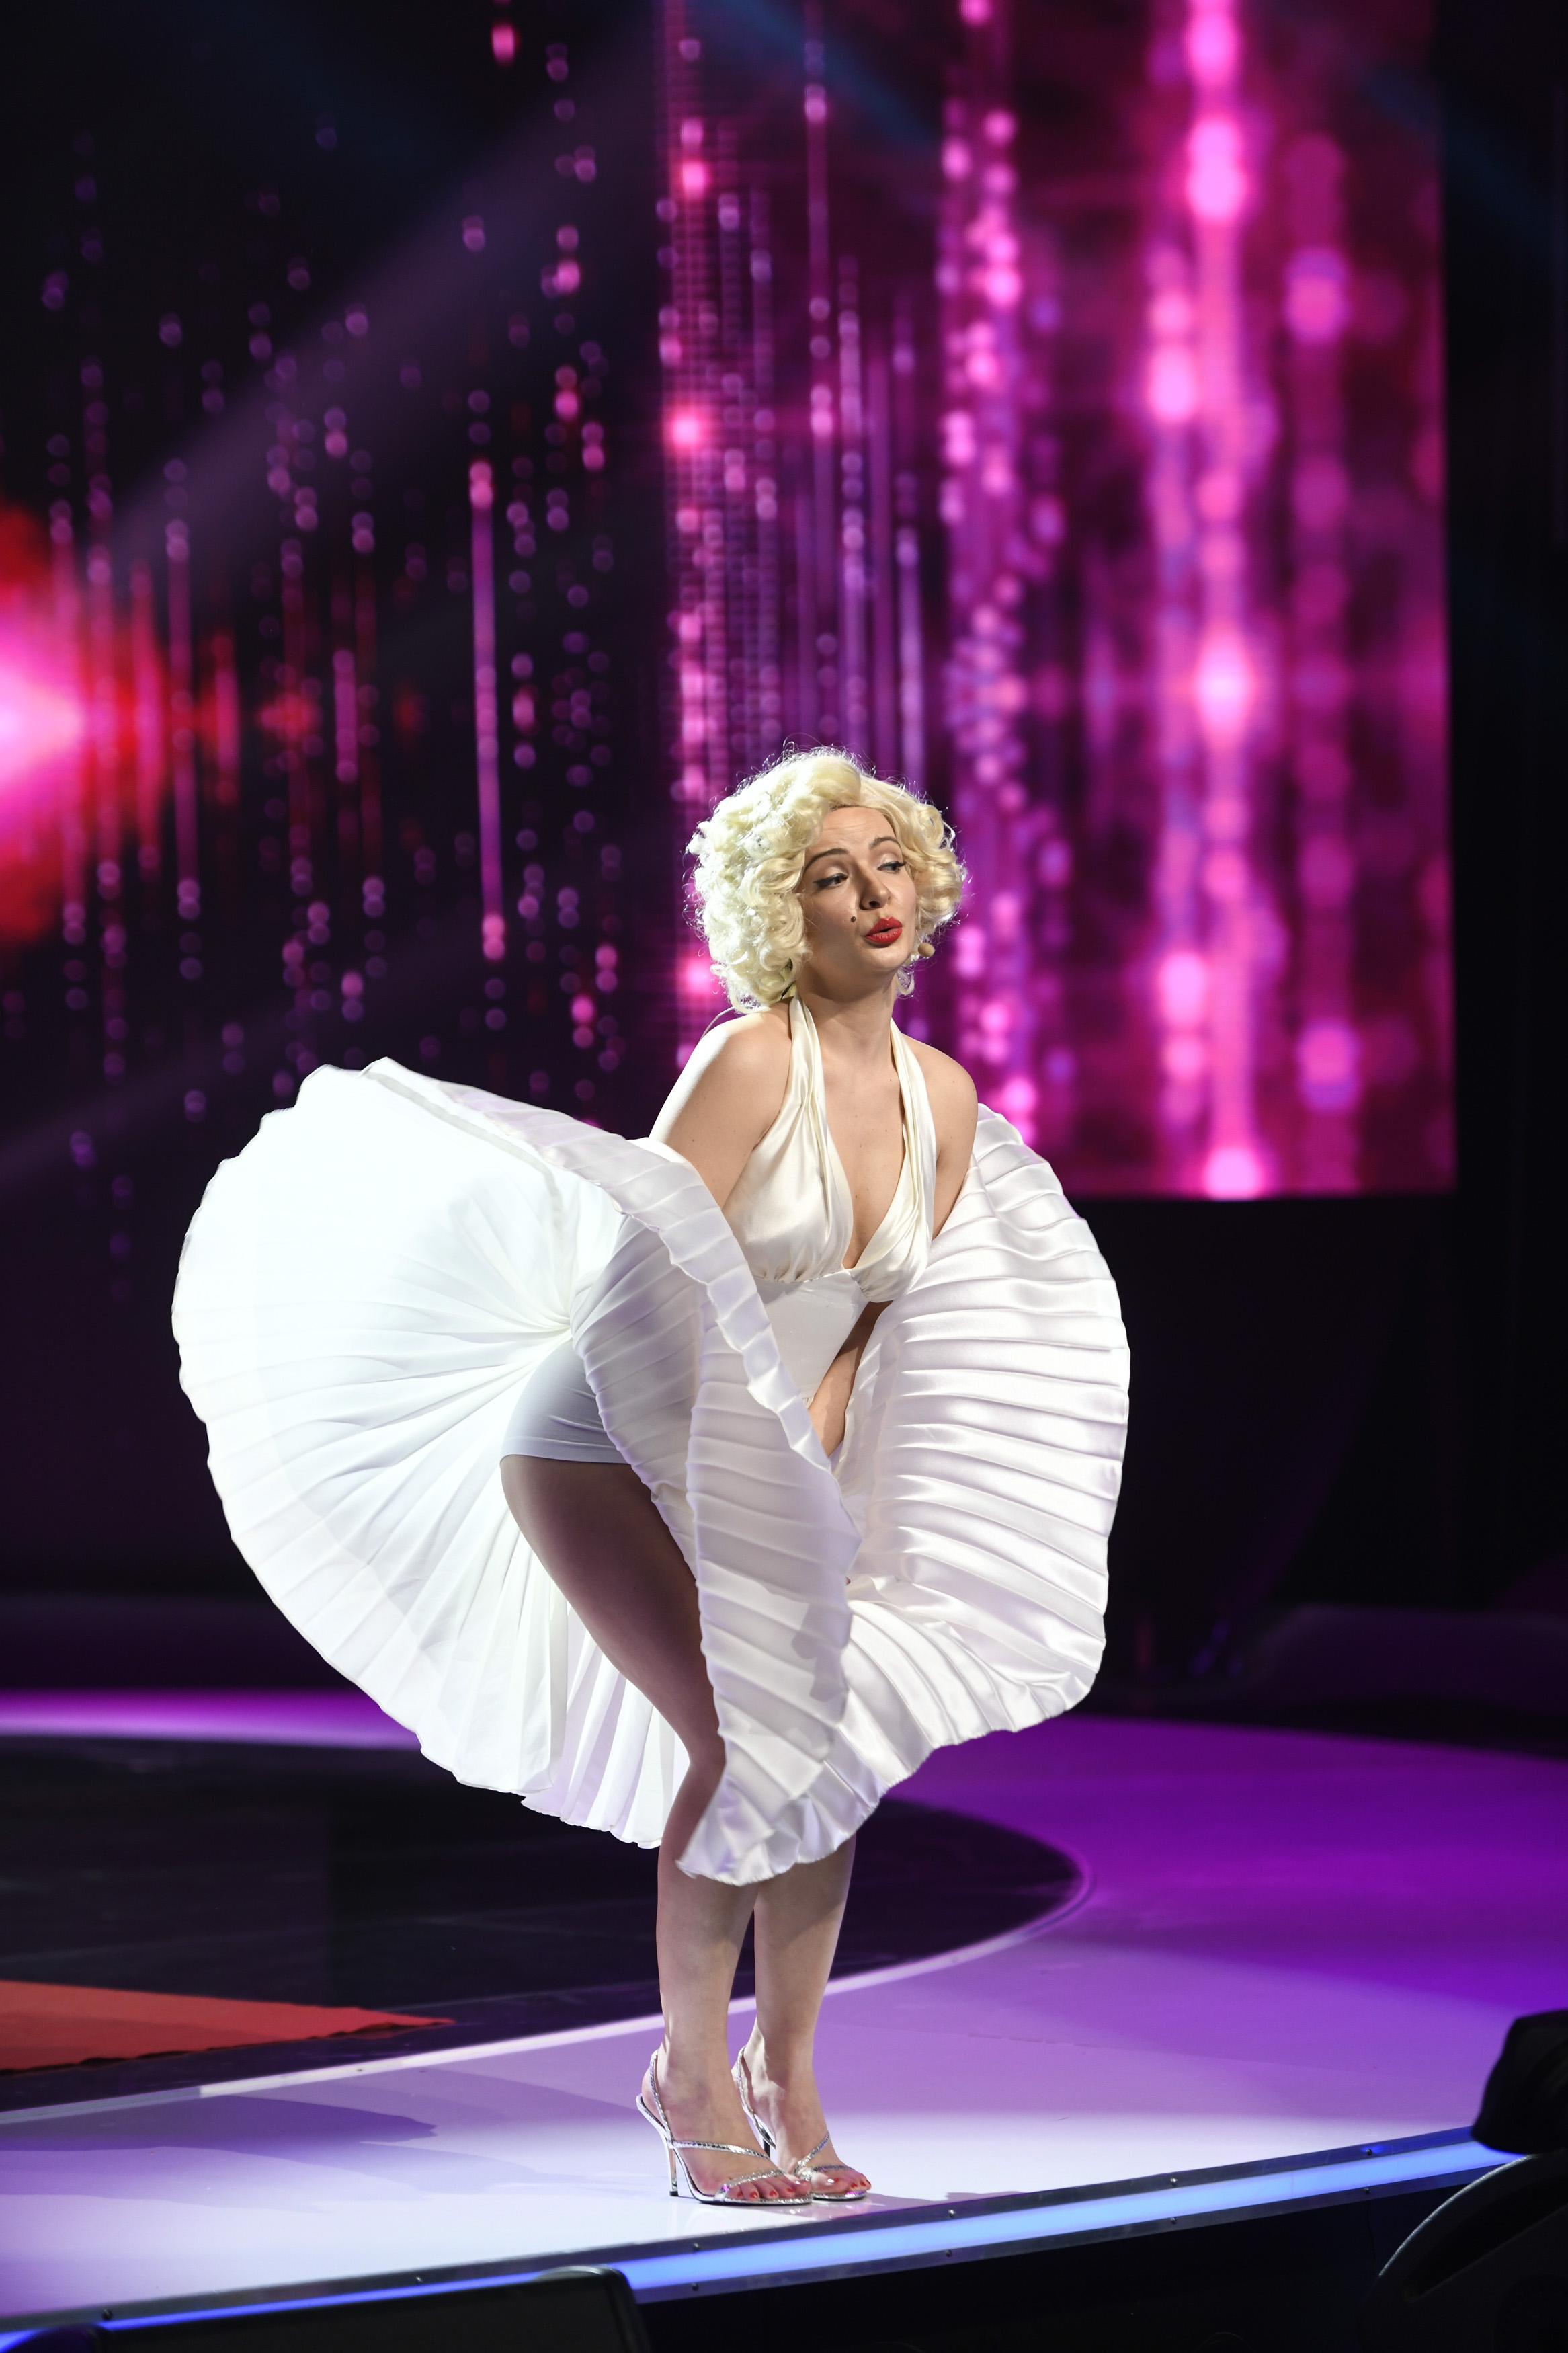 iUmor, 10 martie 2021. Roast istoric la iUmor. Anca Dinicu, deghizată în Marilyn Monroe, face spectacol cu glumele sale savuroase